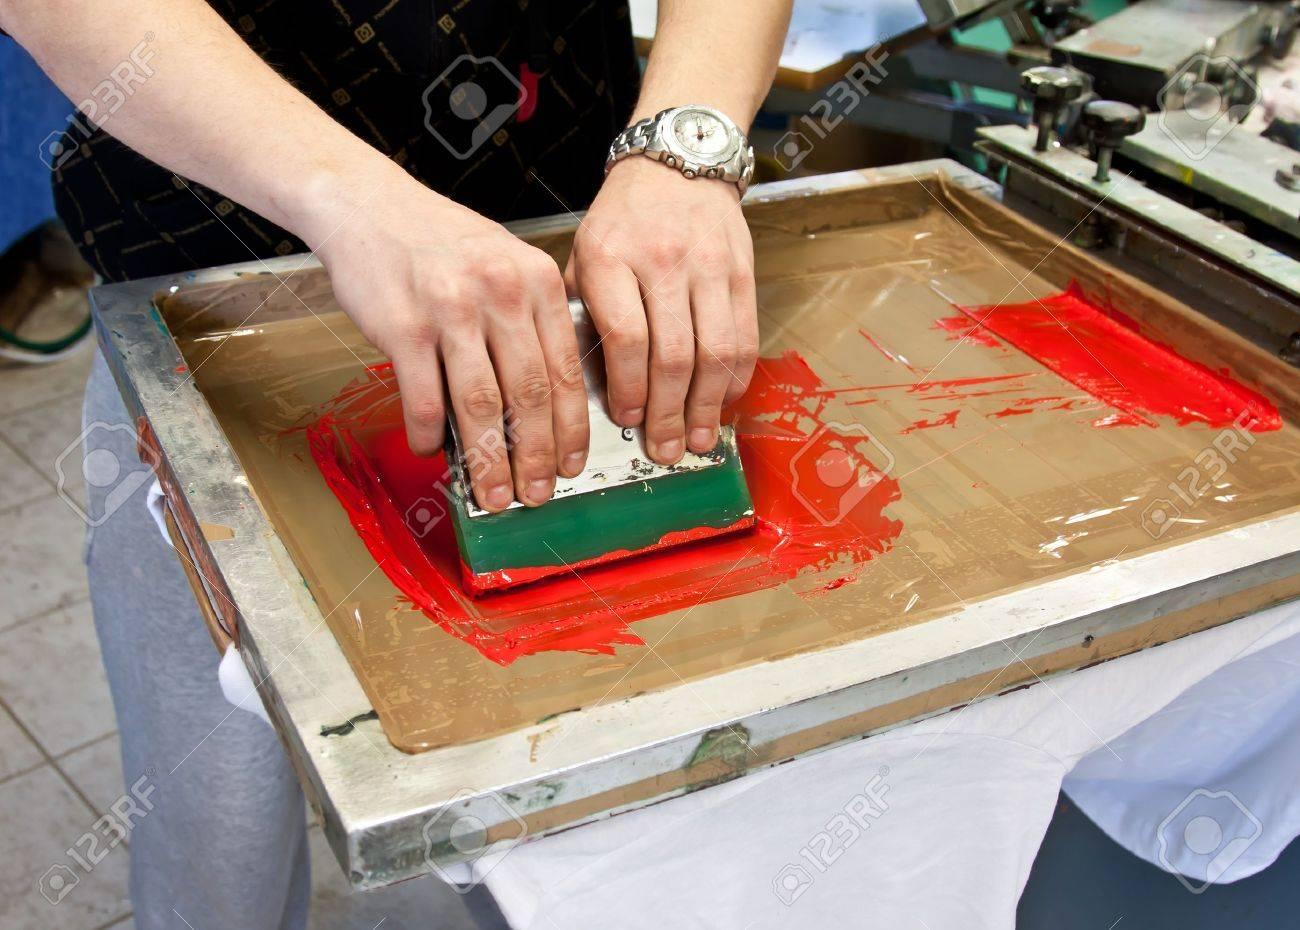 manual screen printing - hand printing t-shirts Stock Photo - 12818366